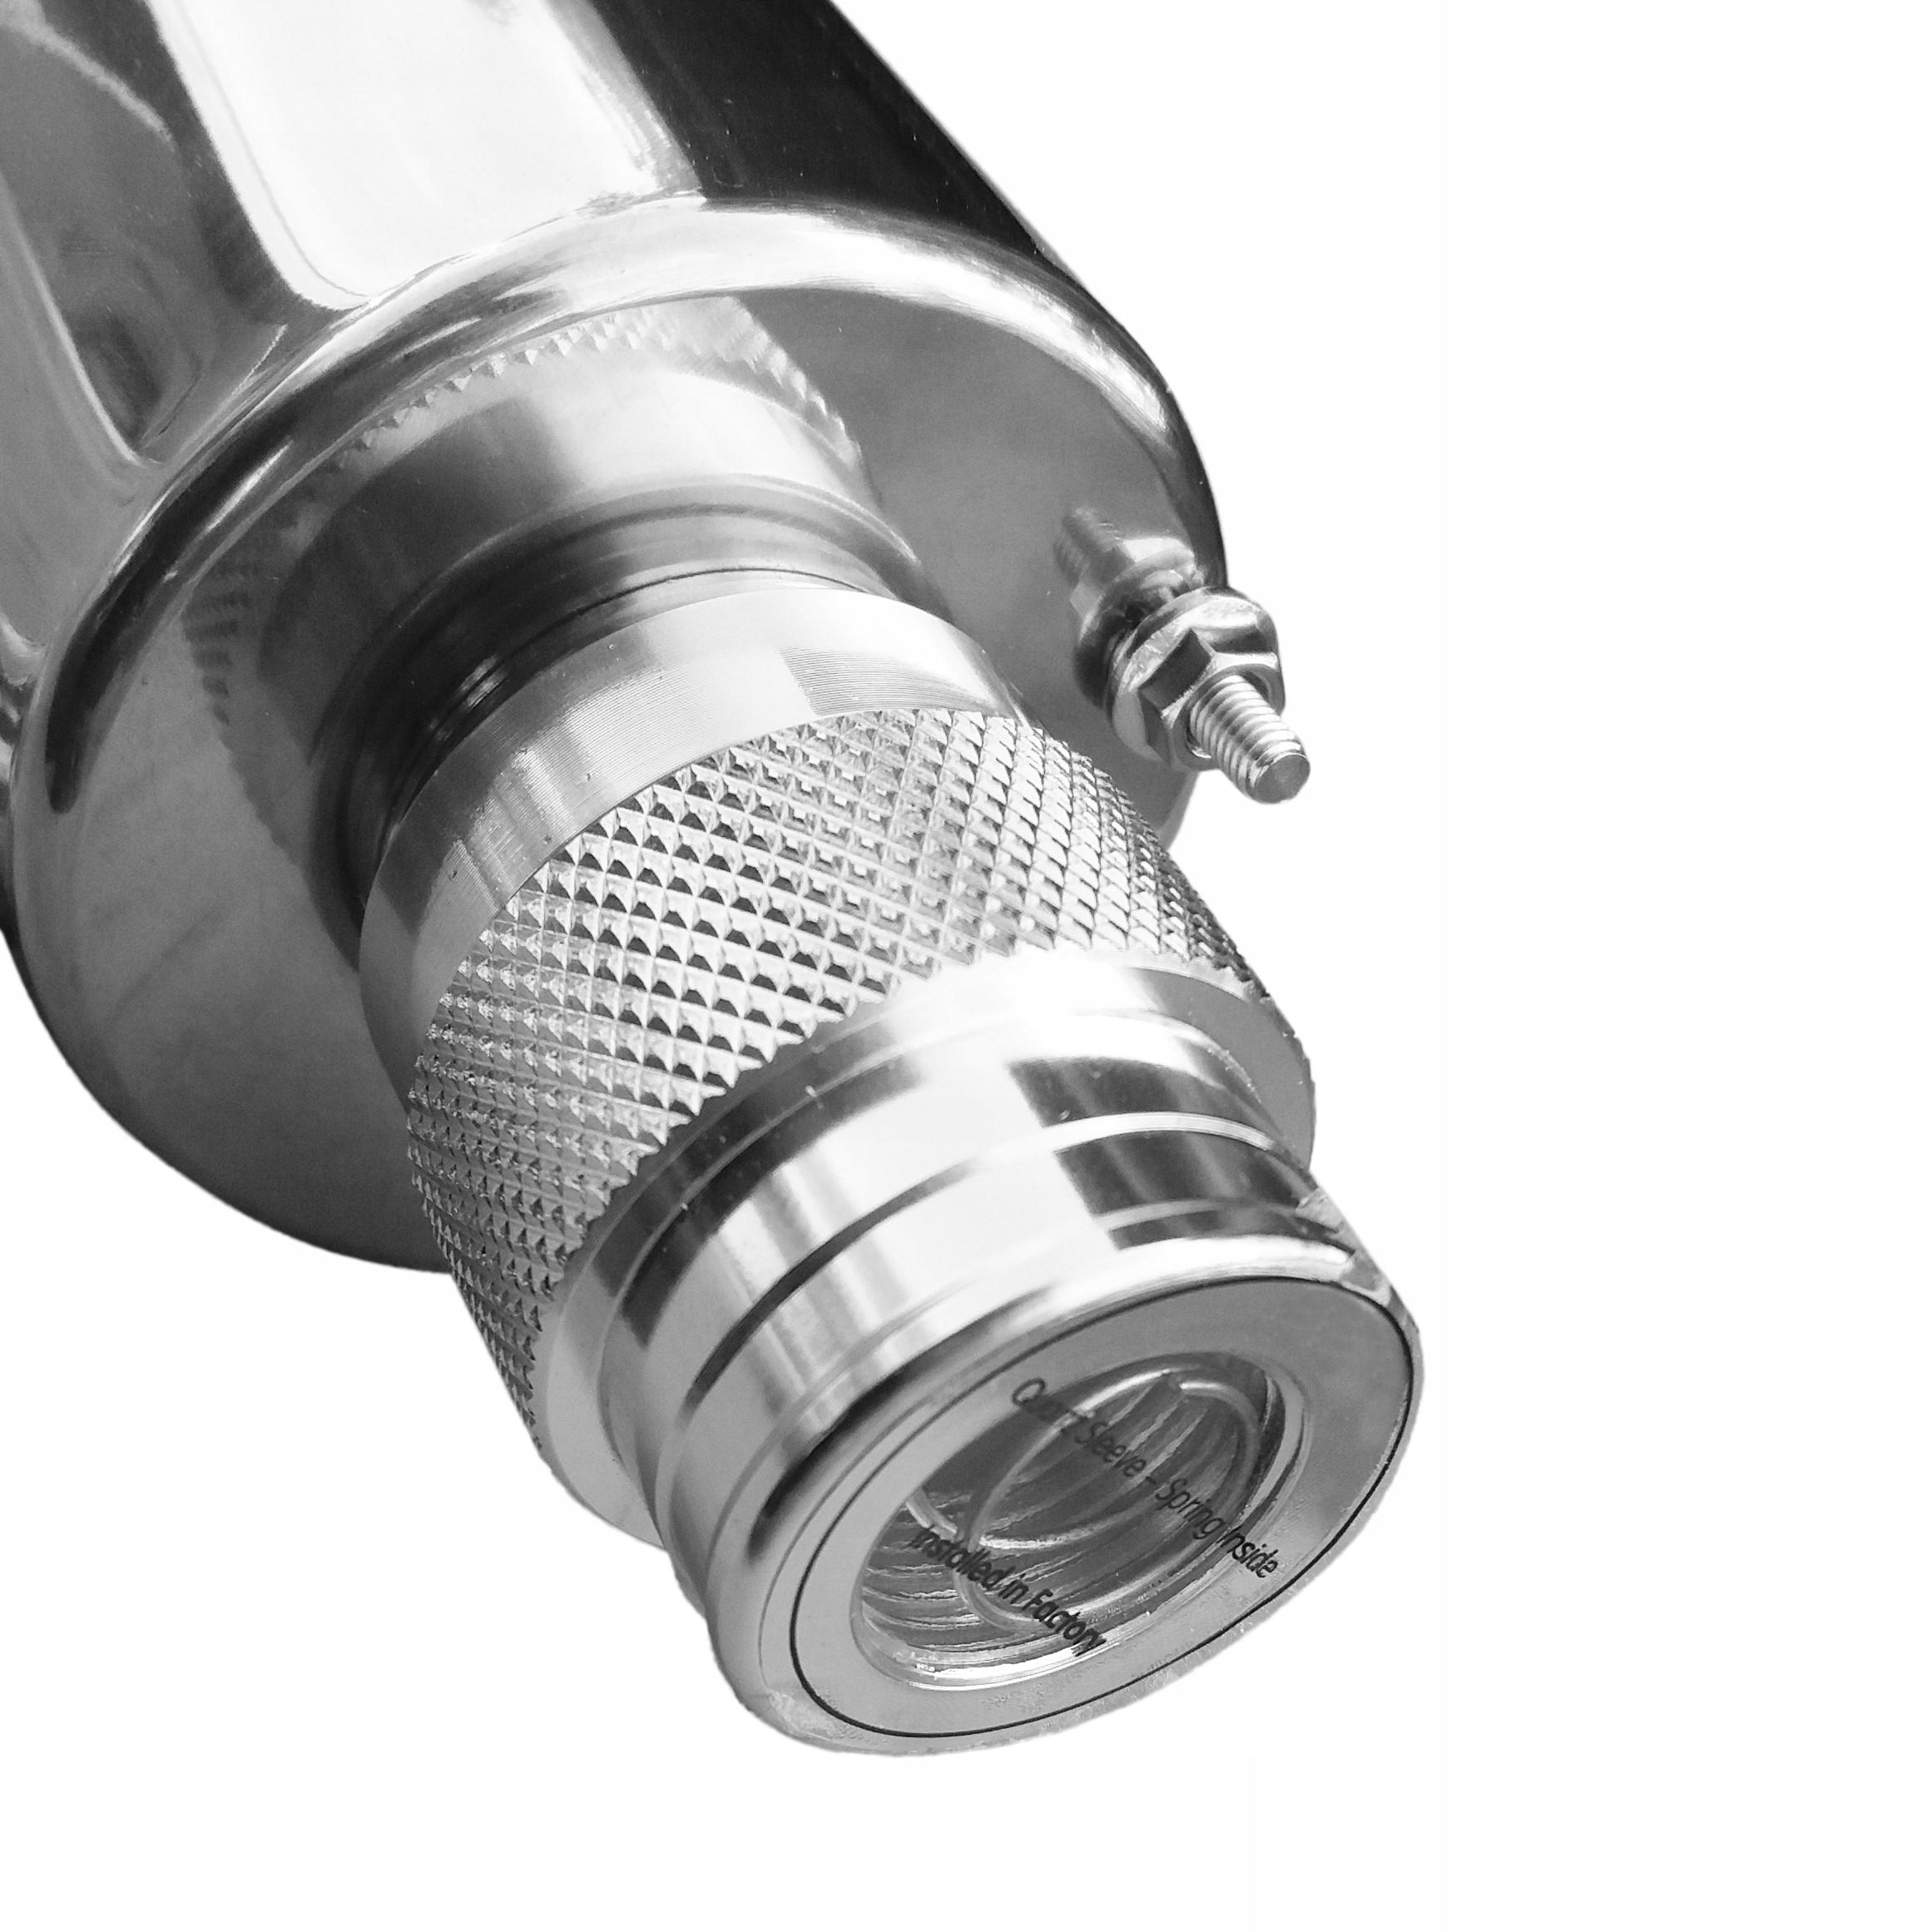 LAMPA BAKTERIOBÓJCZA UV 28W WASSERLIGHT Model WasserLight 28W